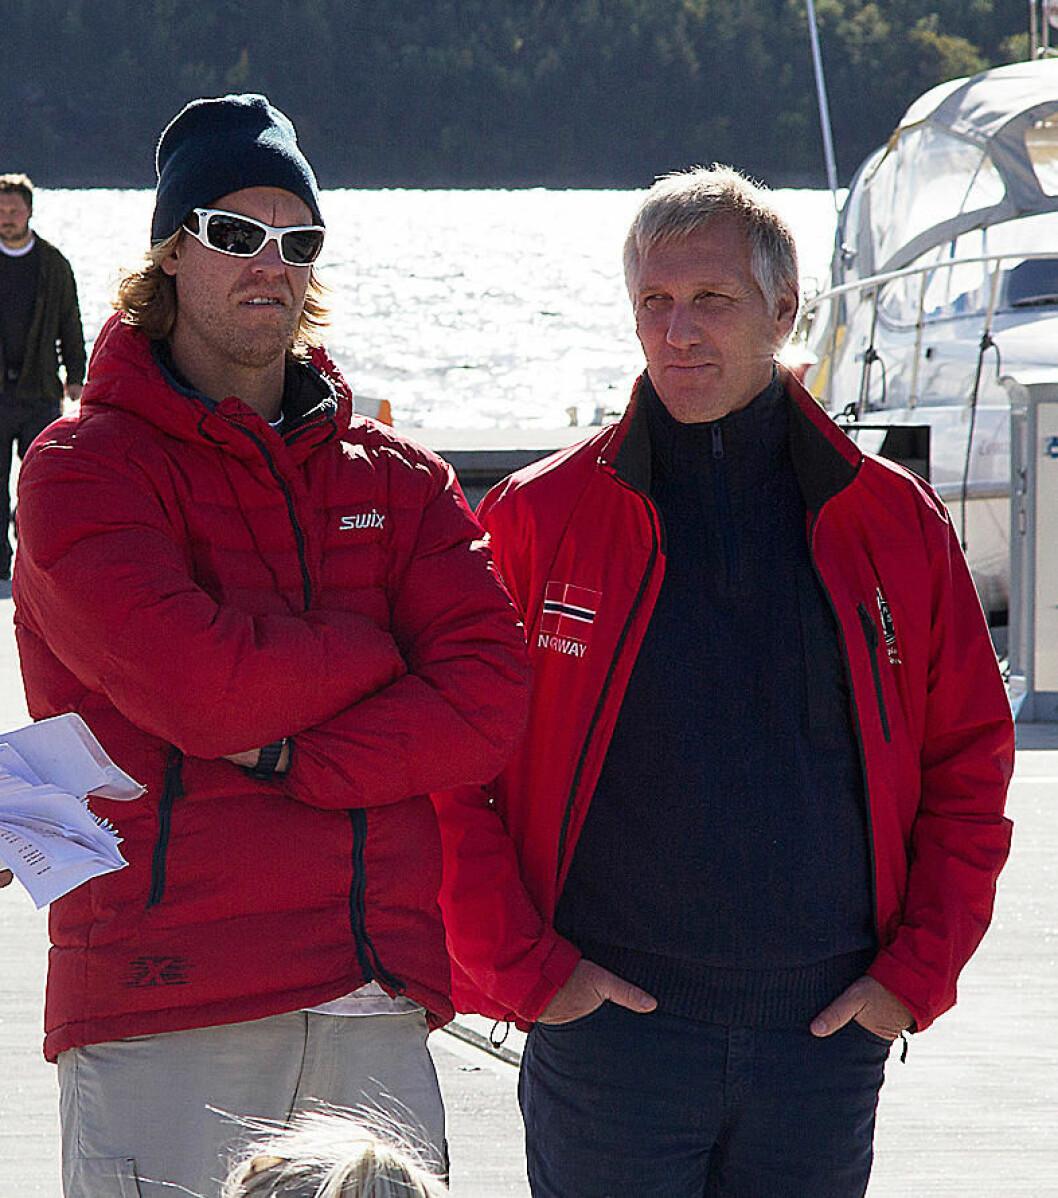 SJEF: Espen Guttormsen er opptatt av å høyne kompetansenivået over hele Norge. Her sammen med regattasjef i Oslo, Bjørn Mørland Pedersen.